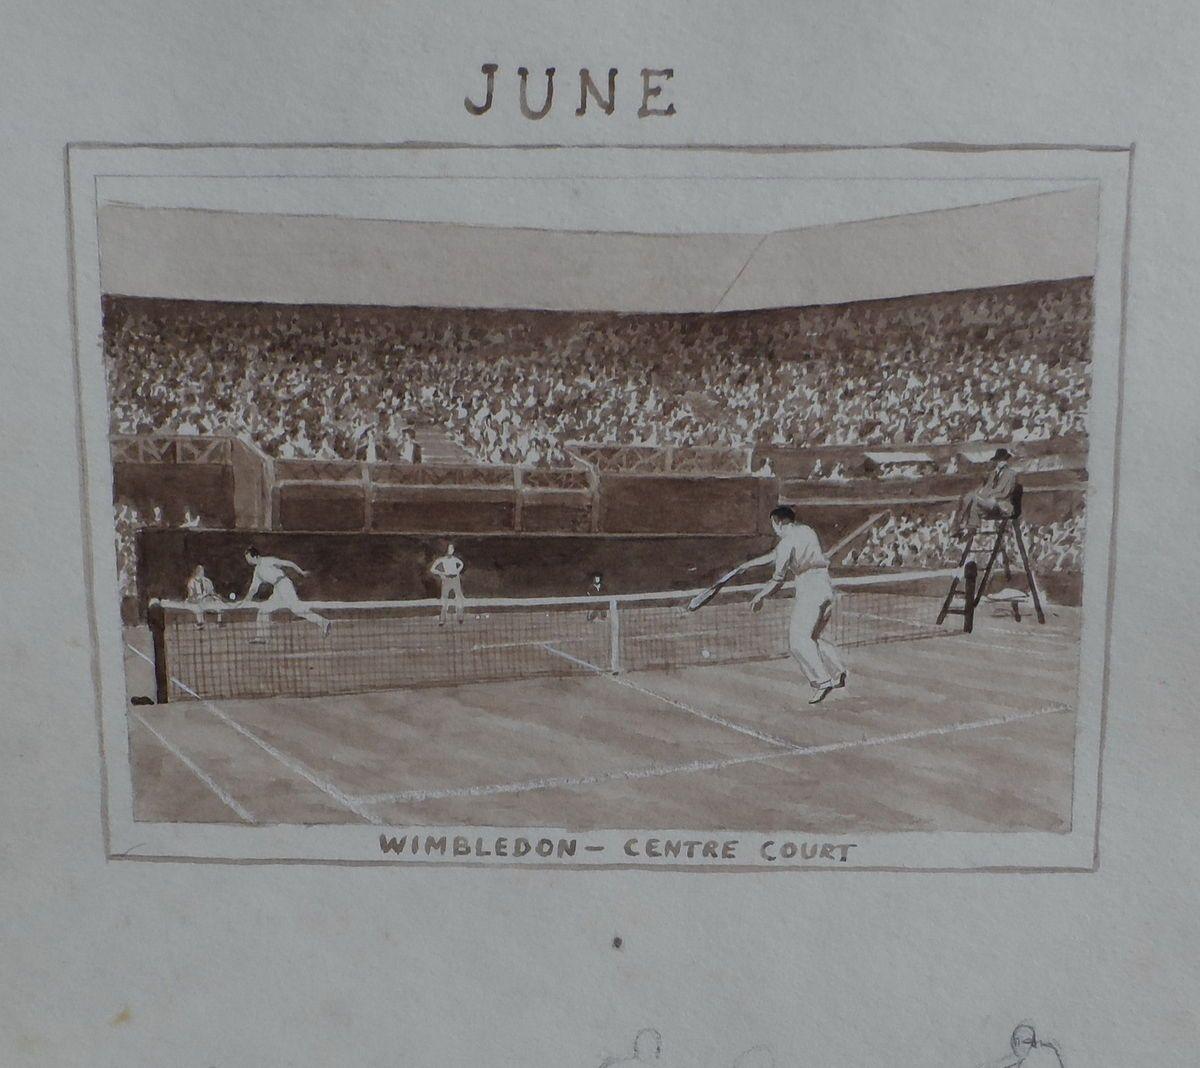 Calendar Artwork June Wimbledon centre court Sidney Robertson Rodger